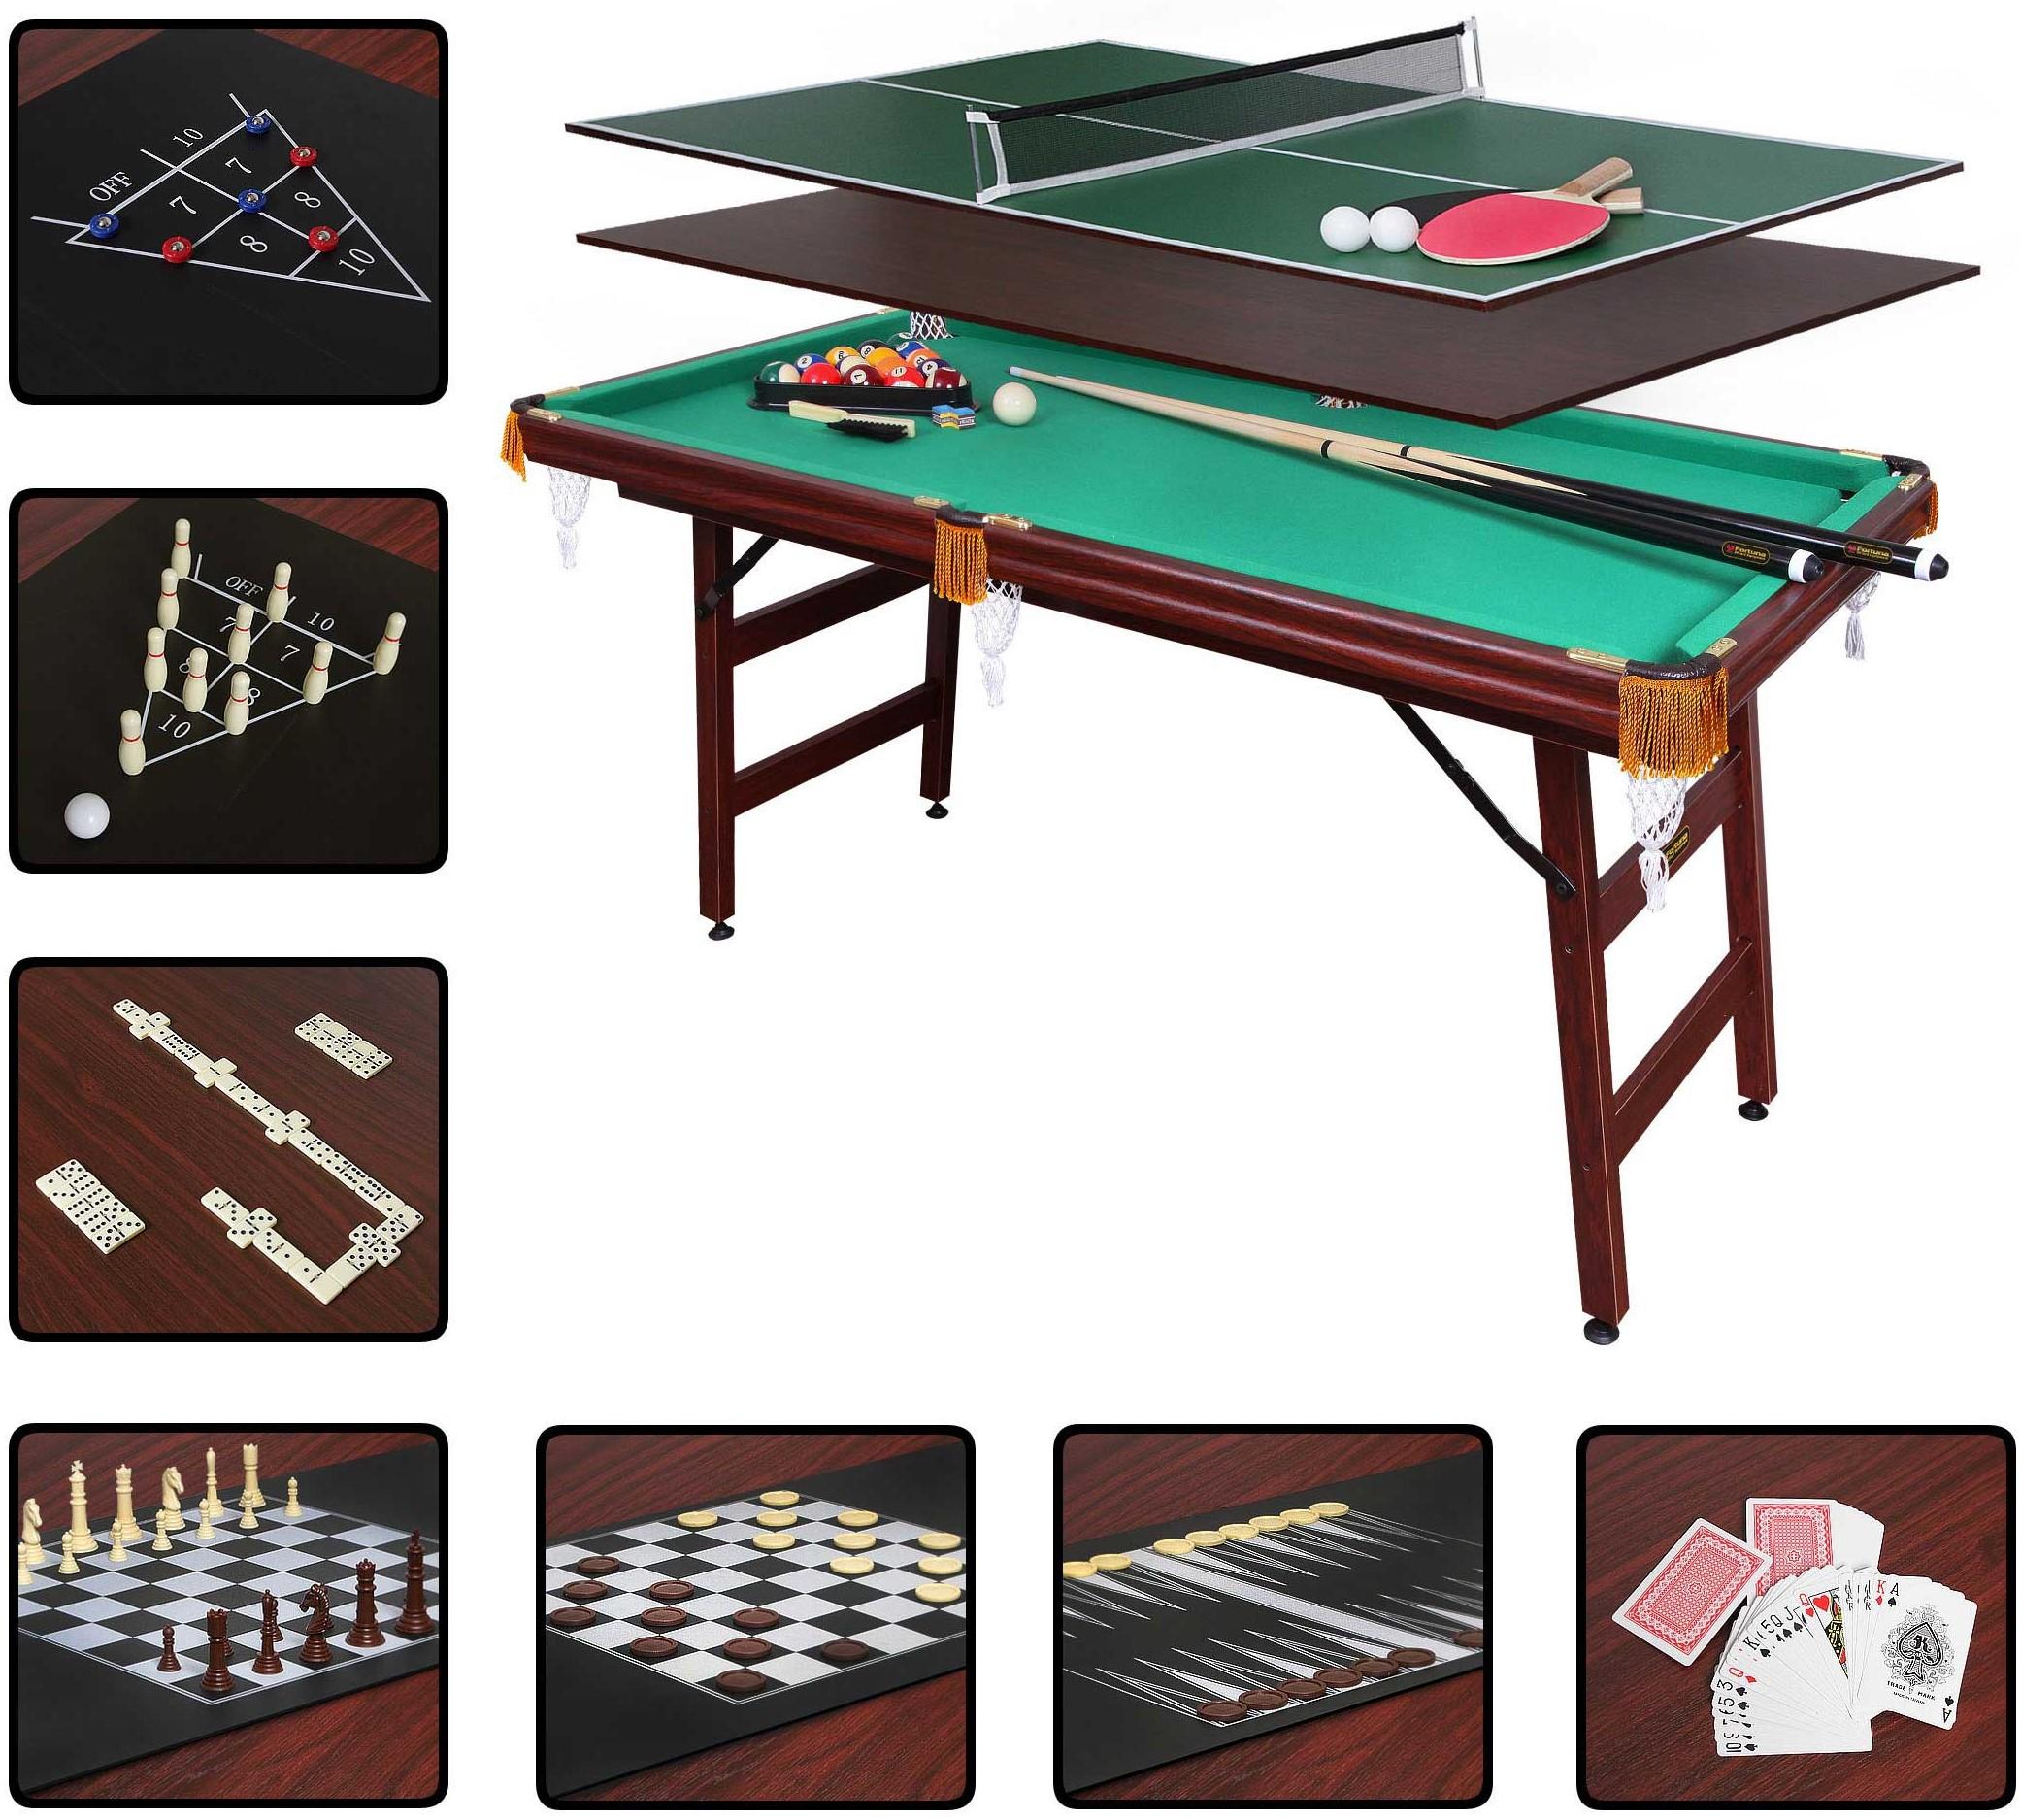 Бильярдный стол Fortuna Пул 5FT 9в1